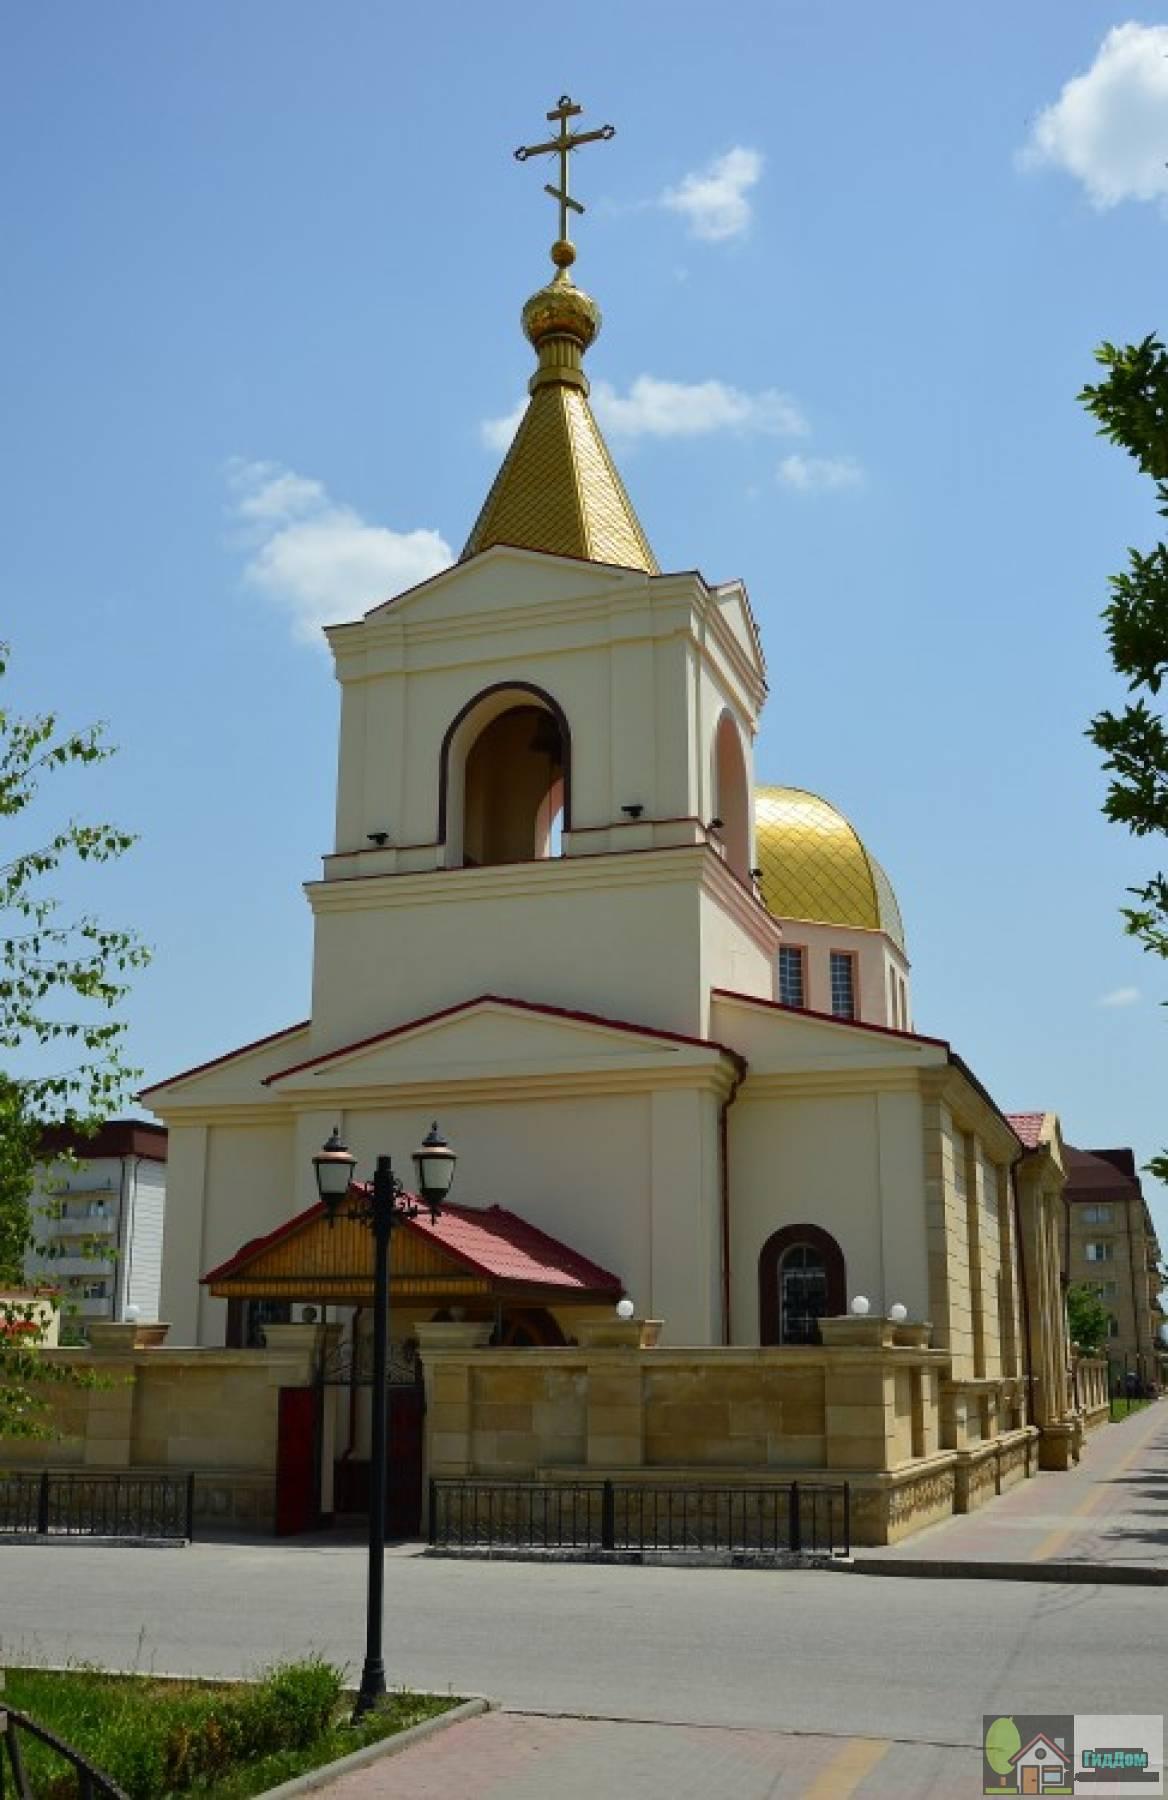 Церковь Михаила Архангела Файл загружен из открытых источников.